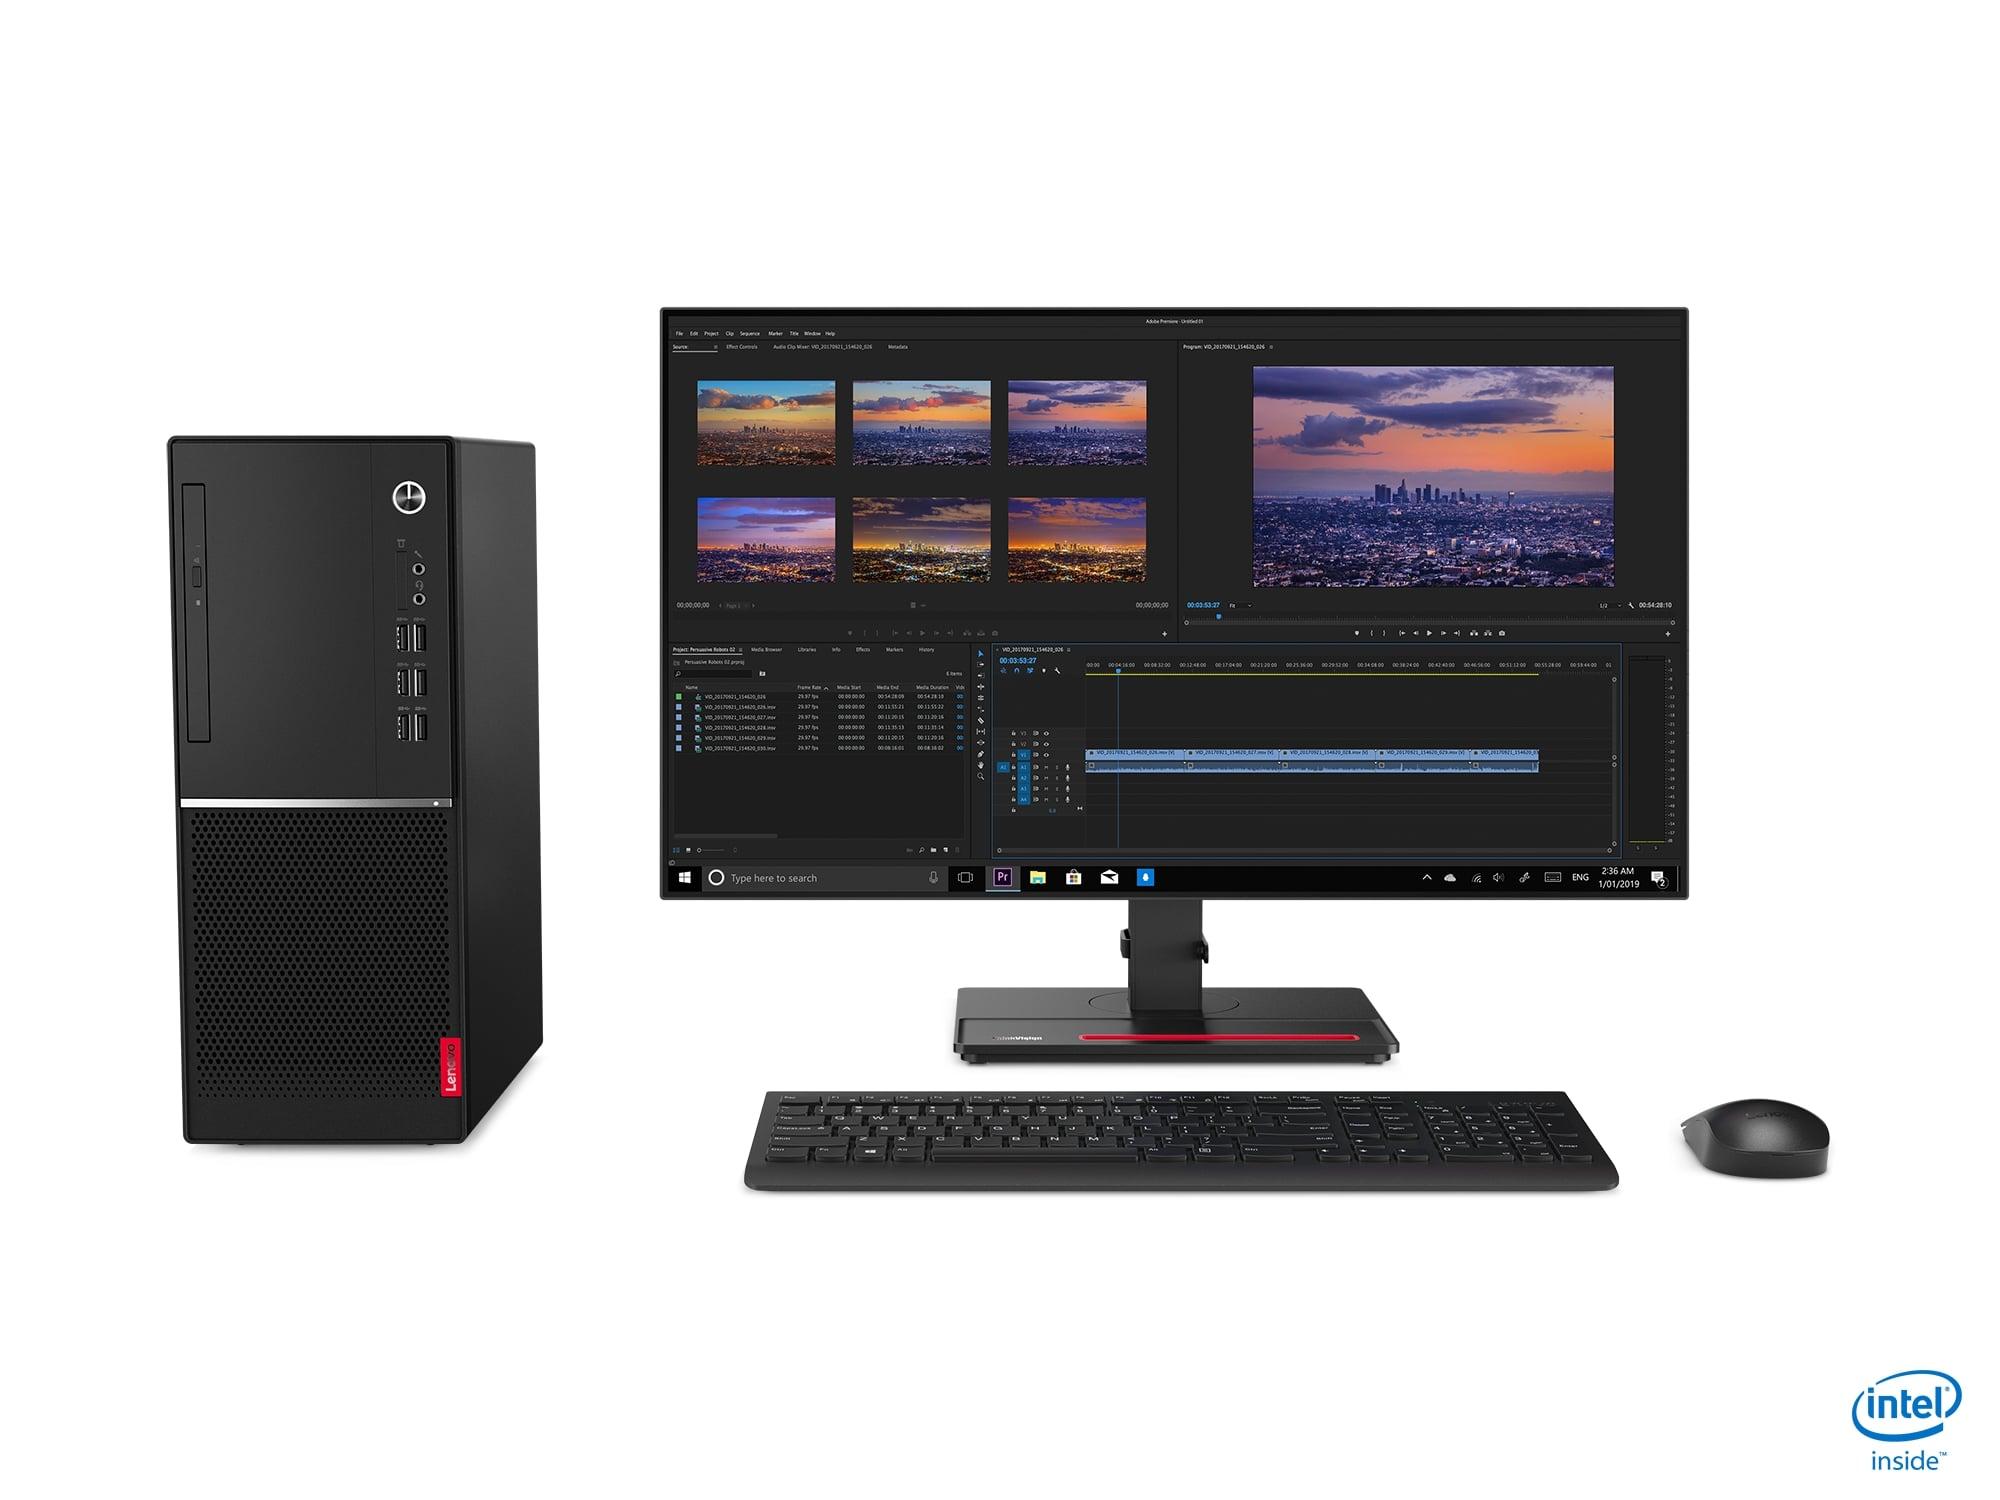 Lenovo V530 TWR/i3-9100/256/4GB/HD/DVD/DOS